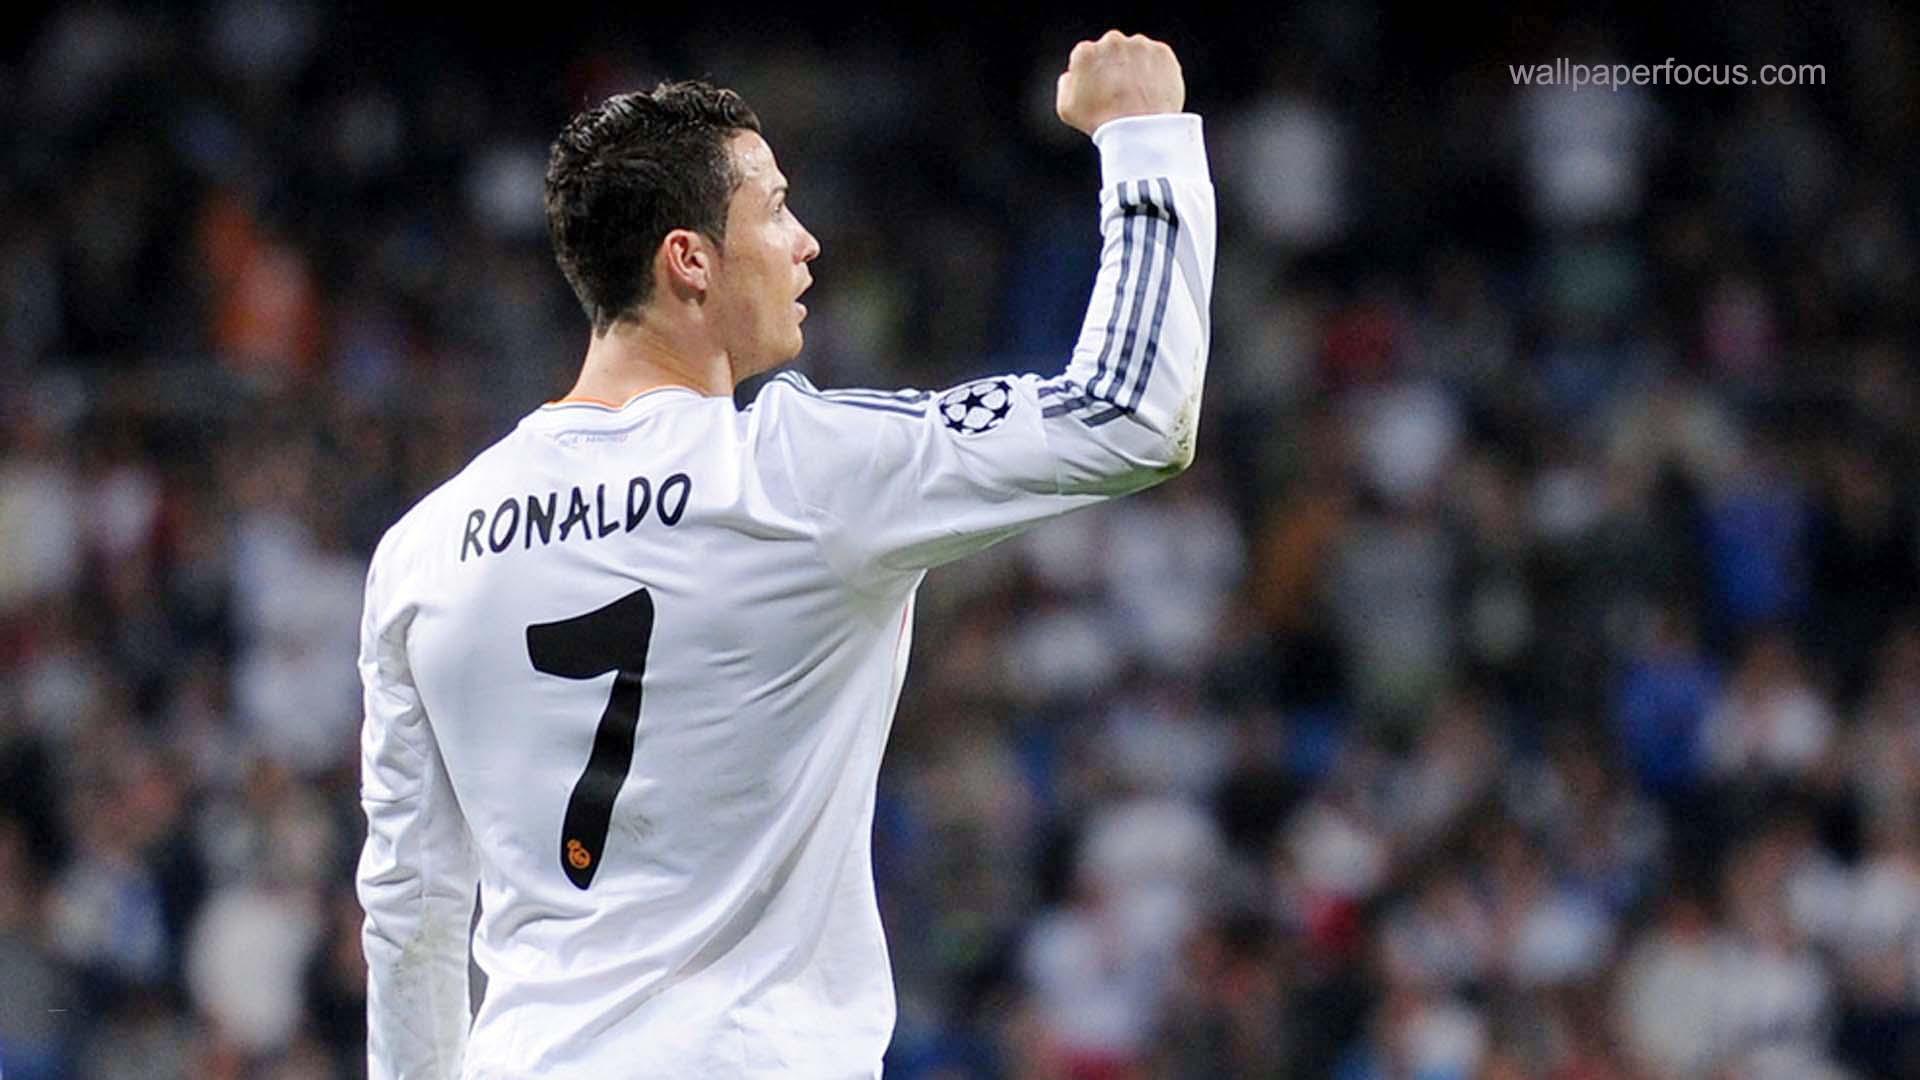 คริสเตียโน โรนัลโด ผู้เล่นที่มีค่าตัวแพงที่สุดเป็นอันดับหกในประวัติศาสตร์ฟุตบอล